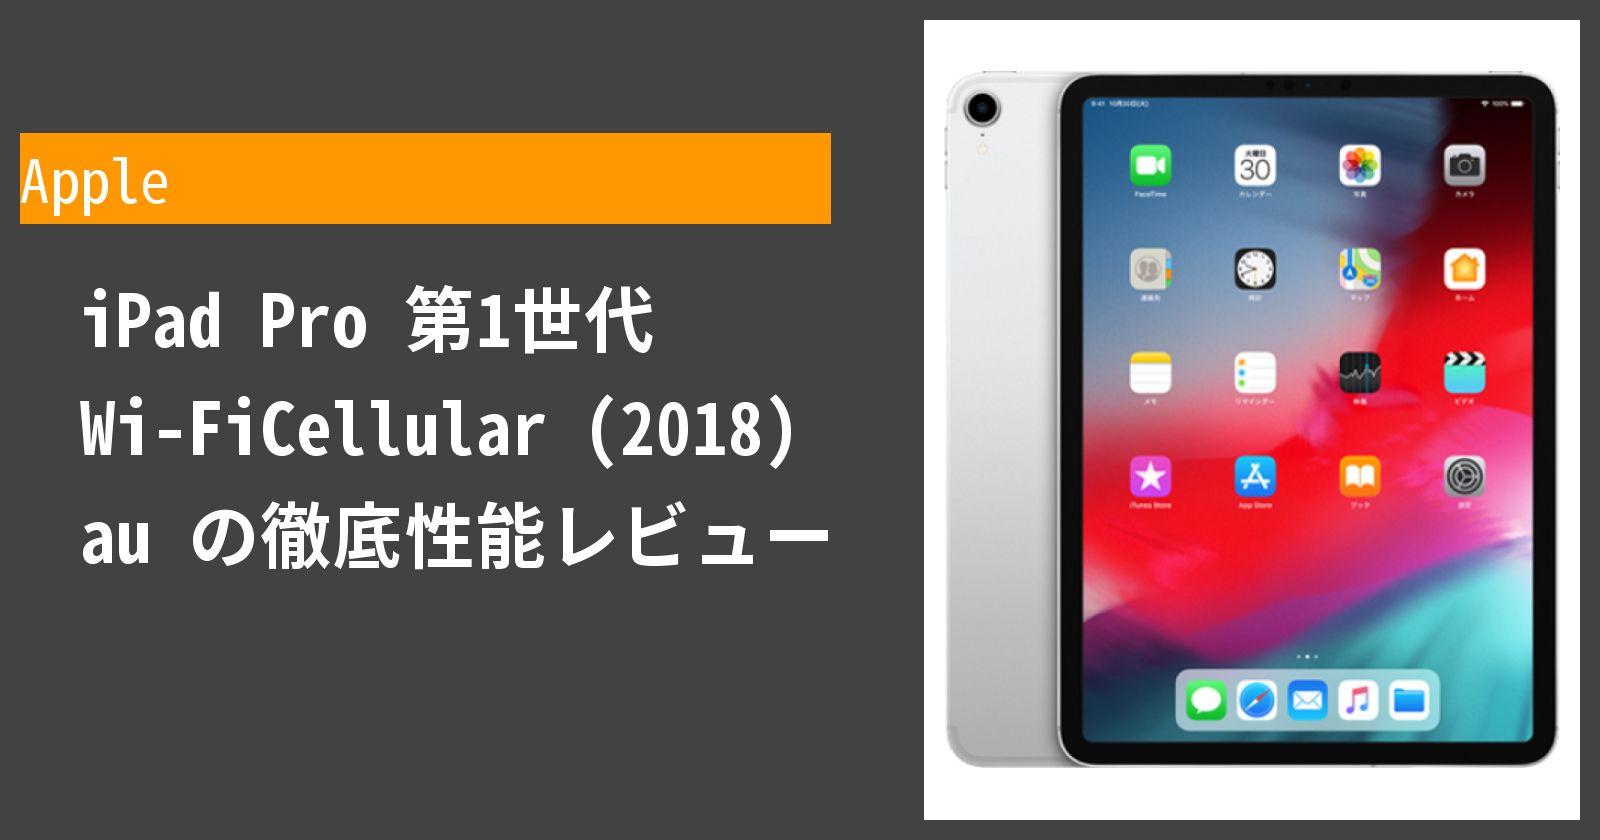 iPad Pro 第1世代 Wi-FiCellular (2018) au の徹底性能レビュー